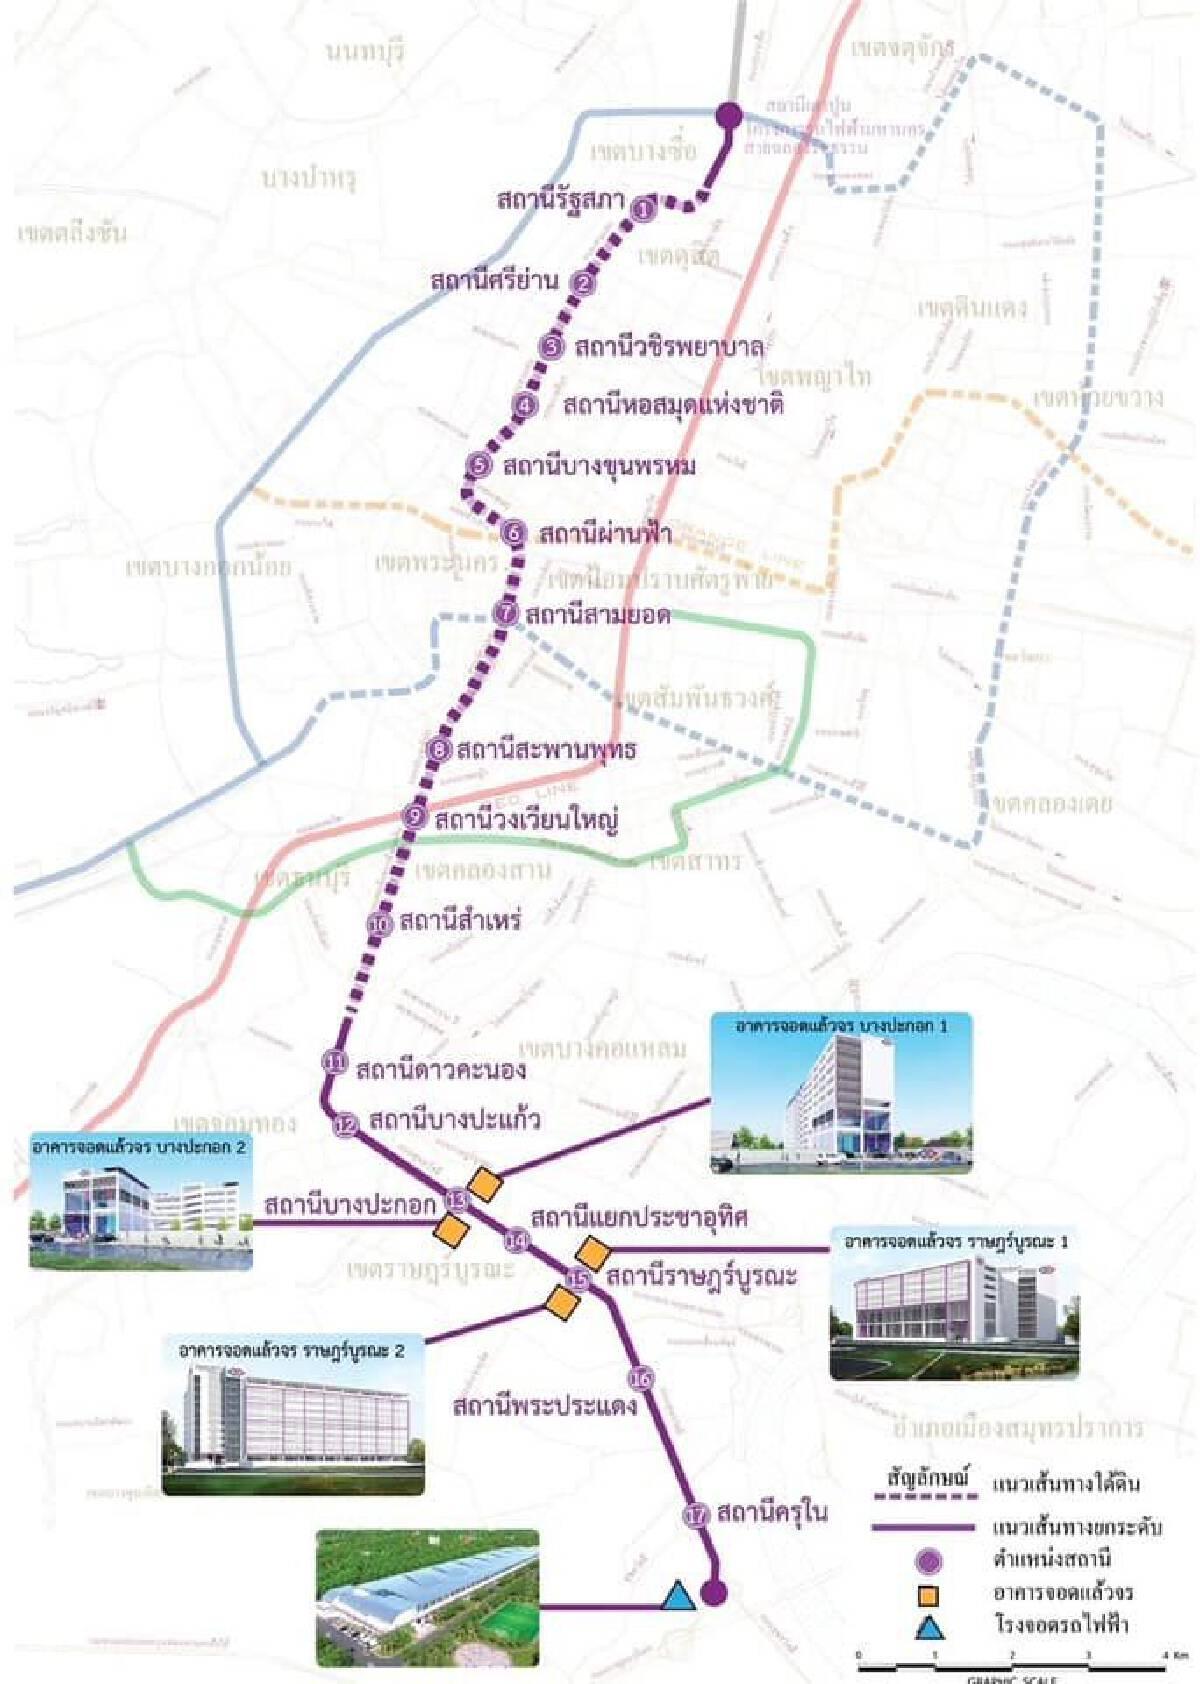 รฟม.อีกแล้ว ประกาศยกเลิกประมูลรถไฟฟ้าสายสีม่วง ช่วงเตาปูน-ราษฎร์บูรณะ